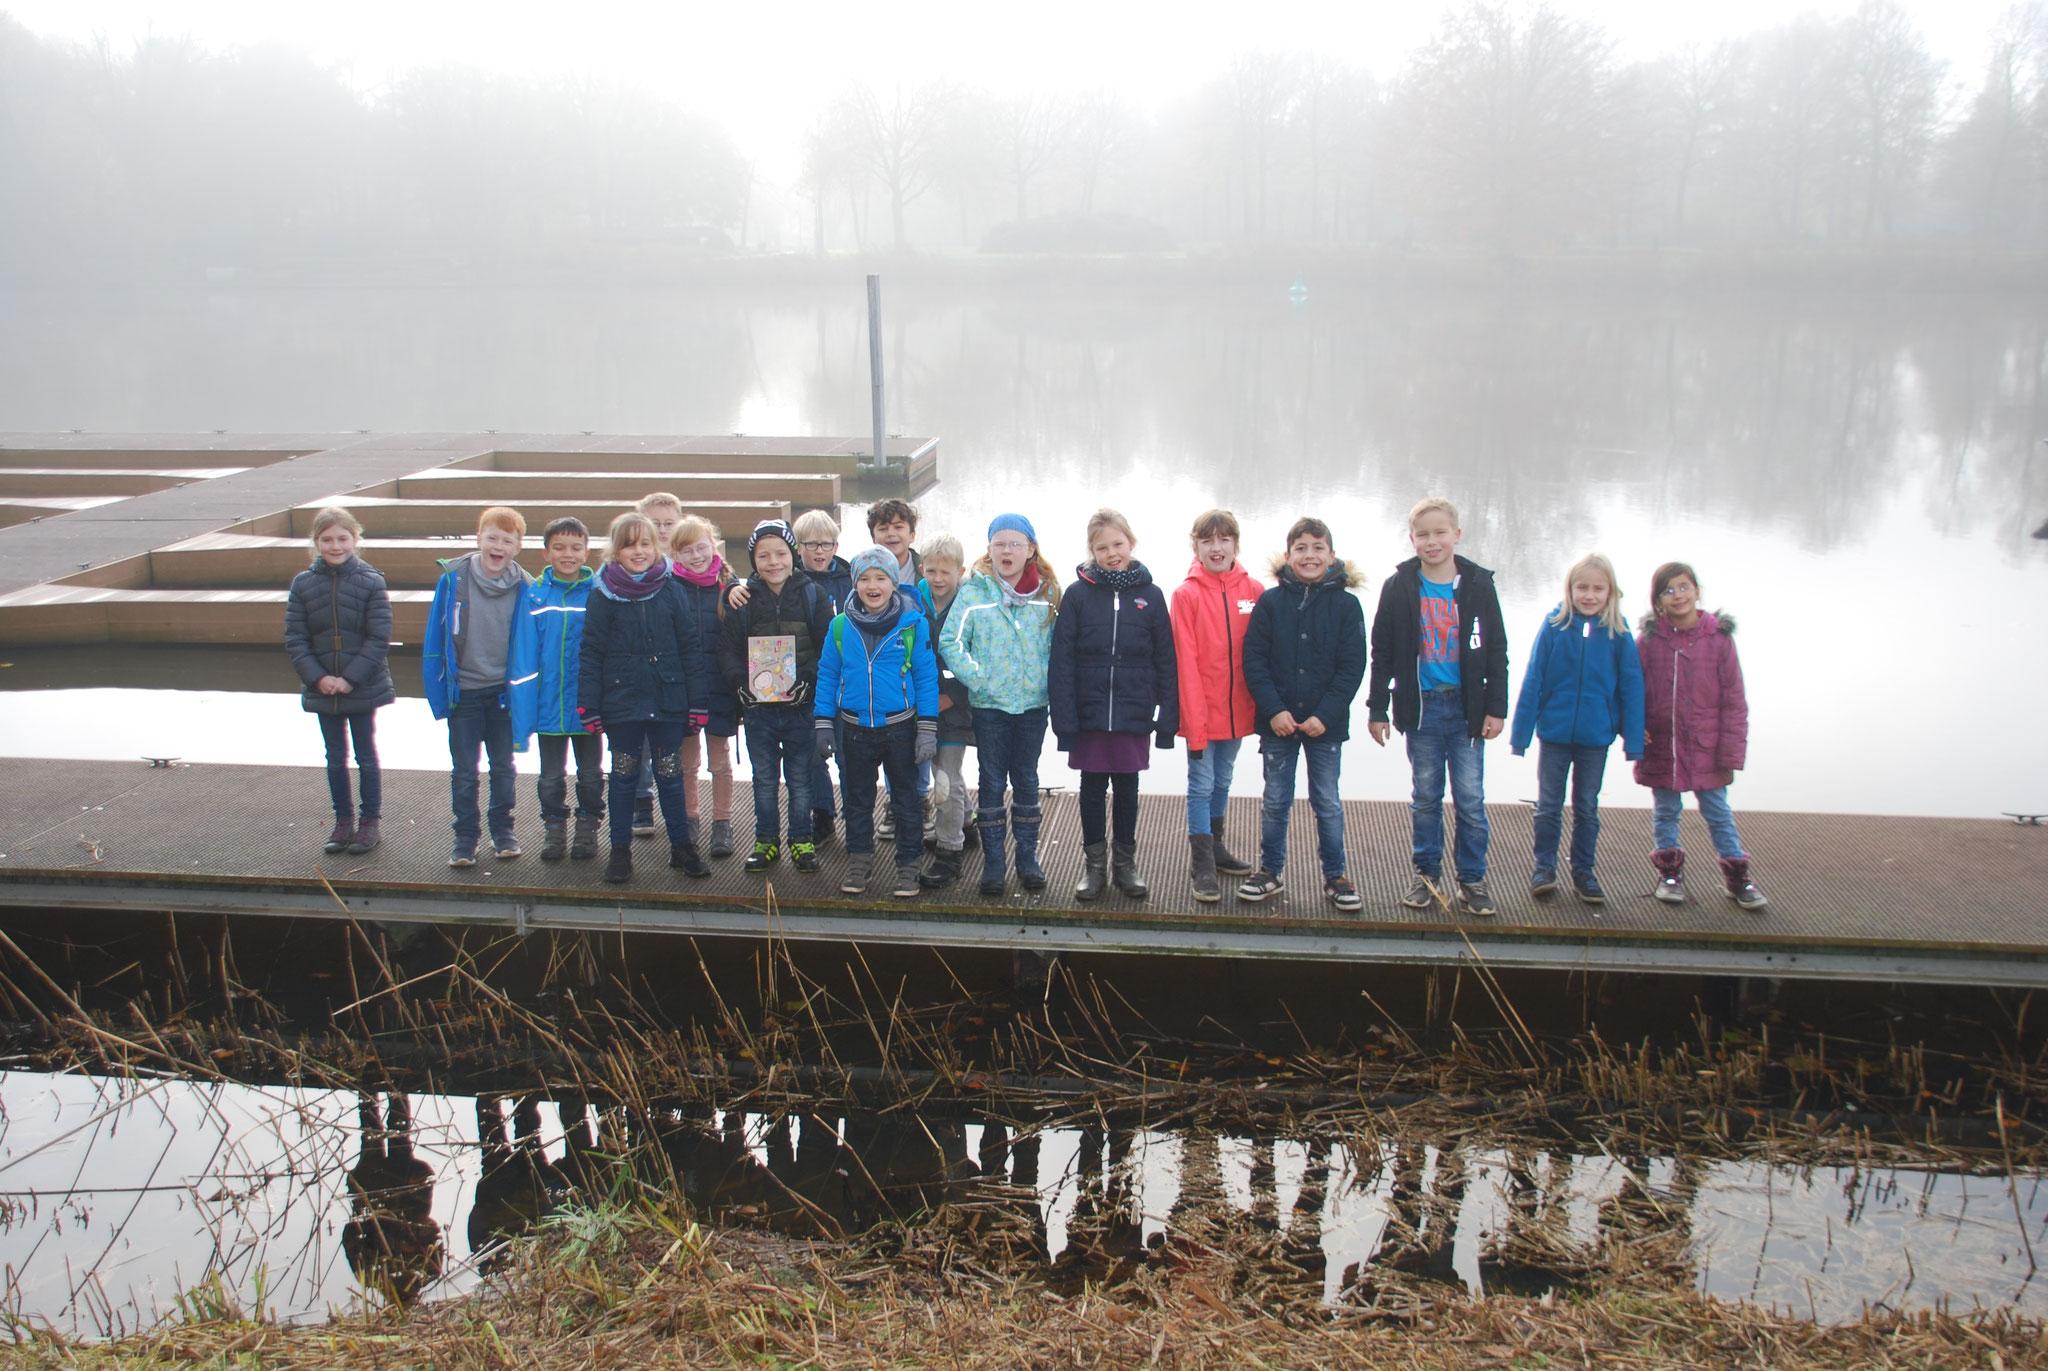 Laurentiusschüler der 3a auf dem Bootssteg am Emssee